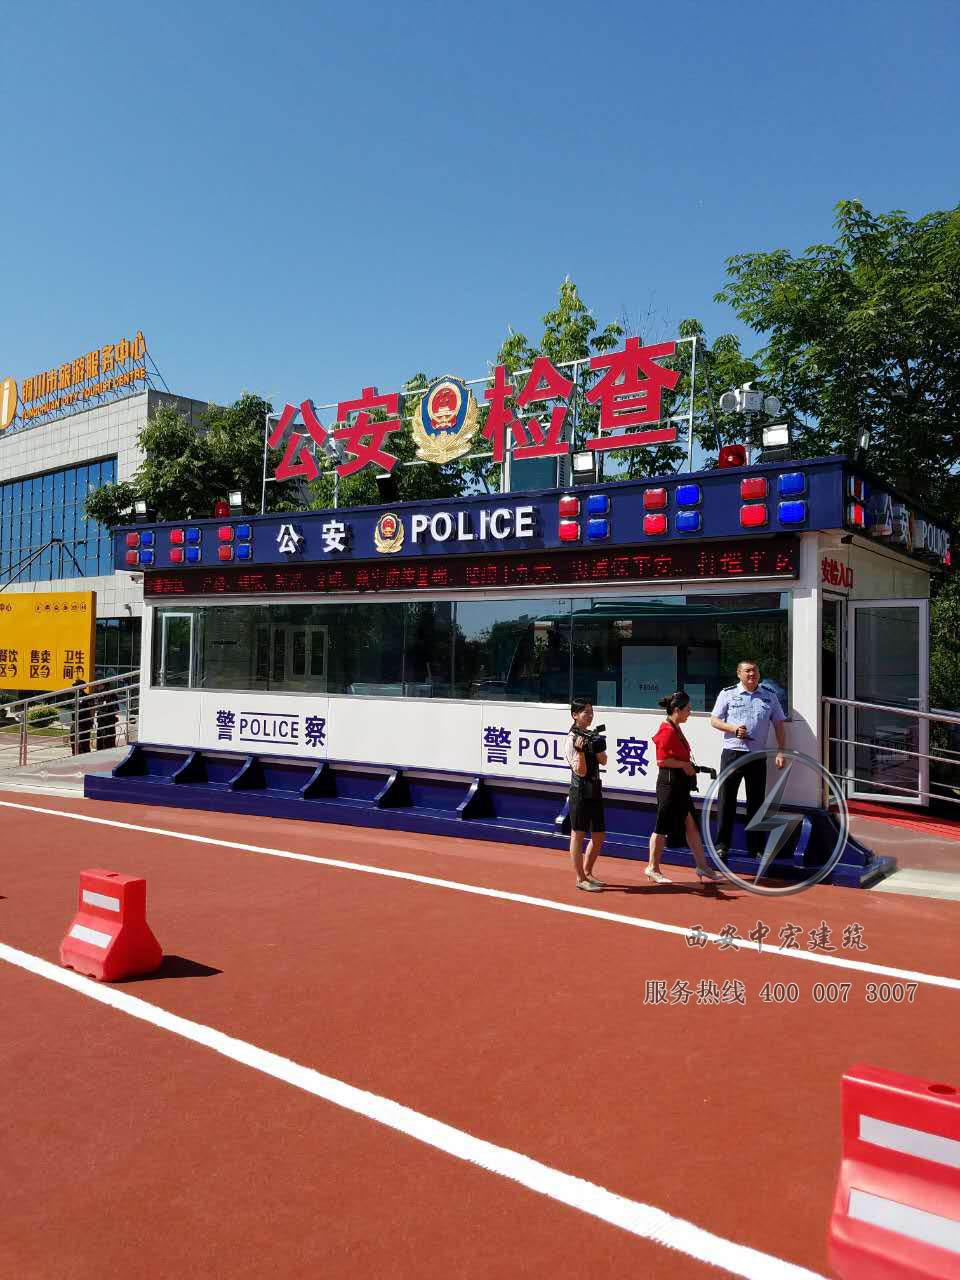 西安公安检查站岗亭设计